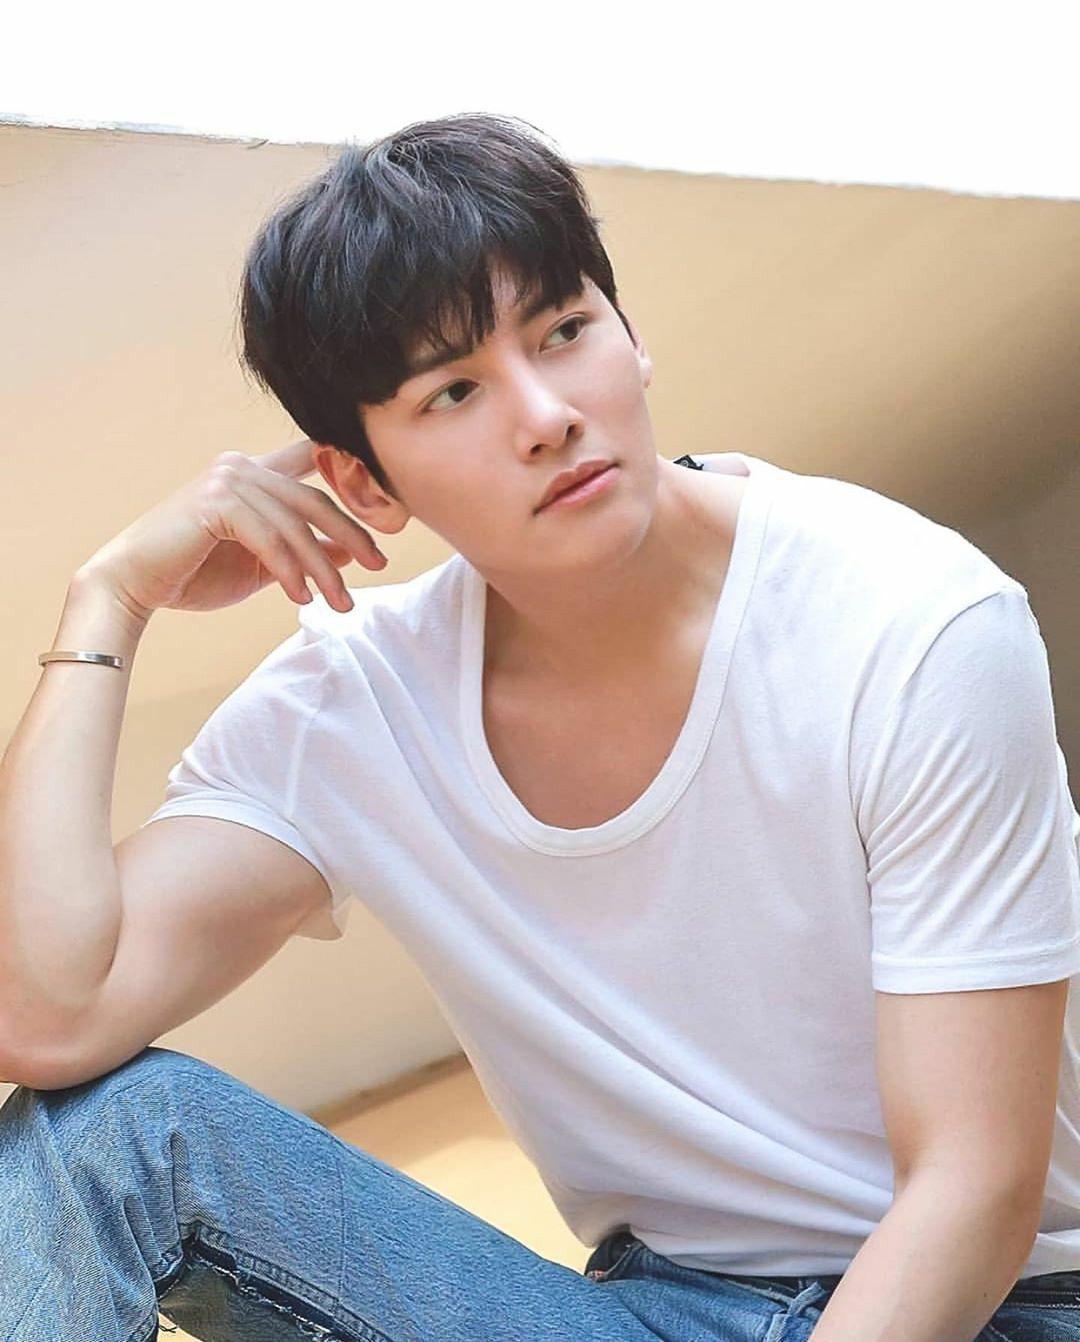 Pin Oleh Nueree Neean Di Ji Chang Wook Di 2020 Selebritas Aktor Aktris